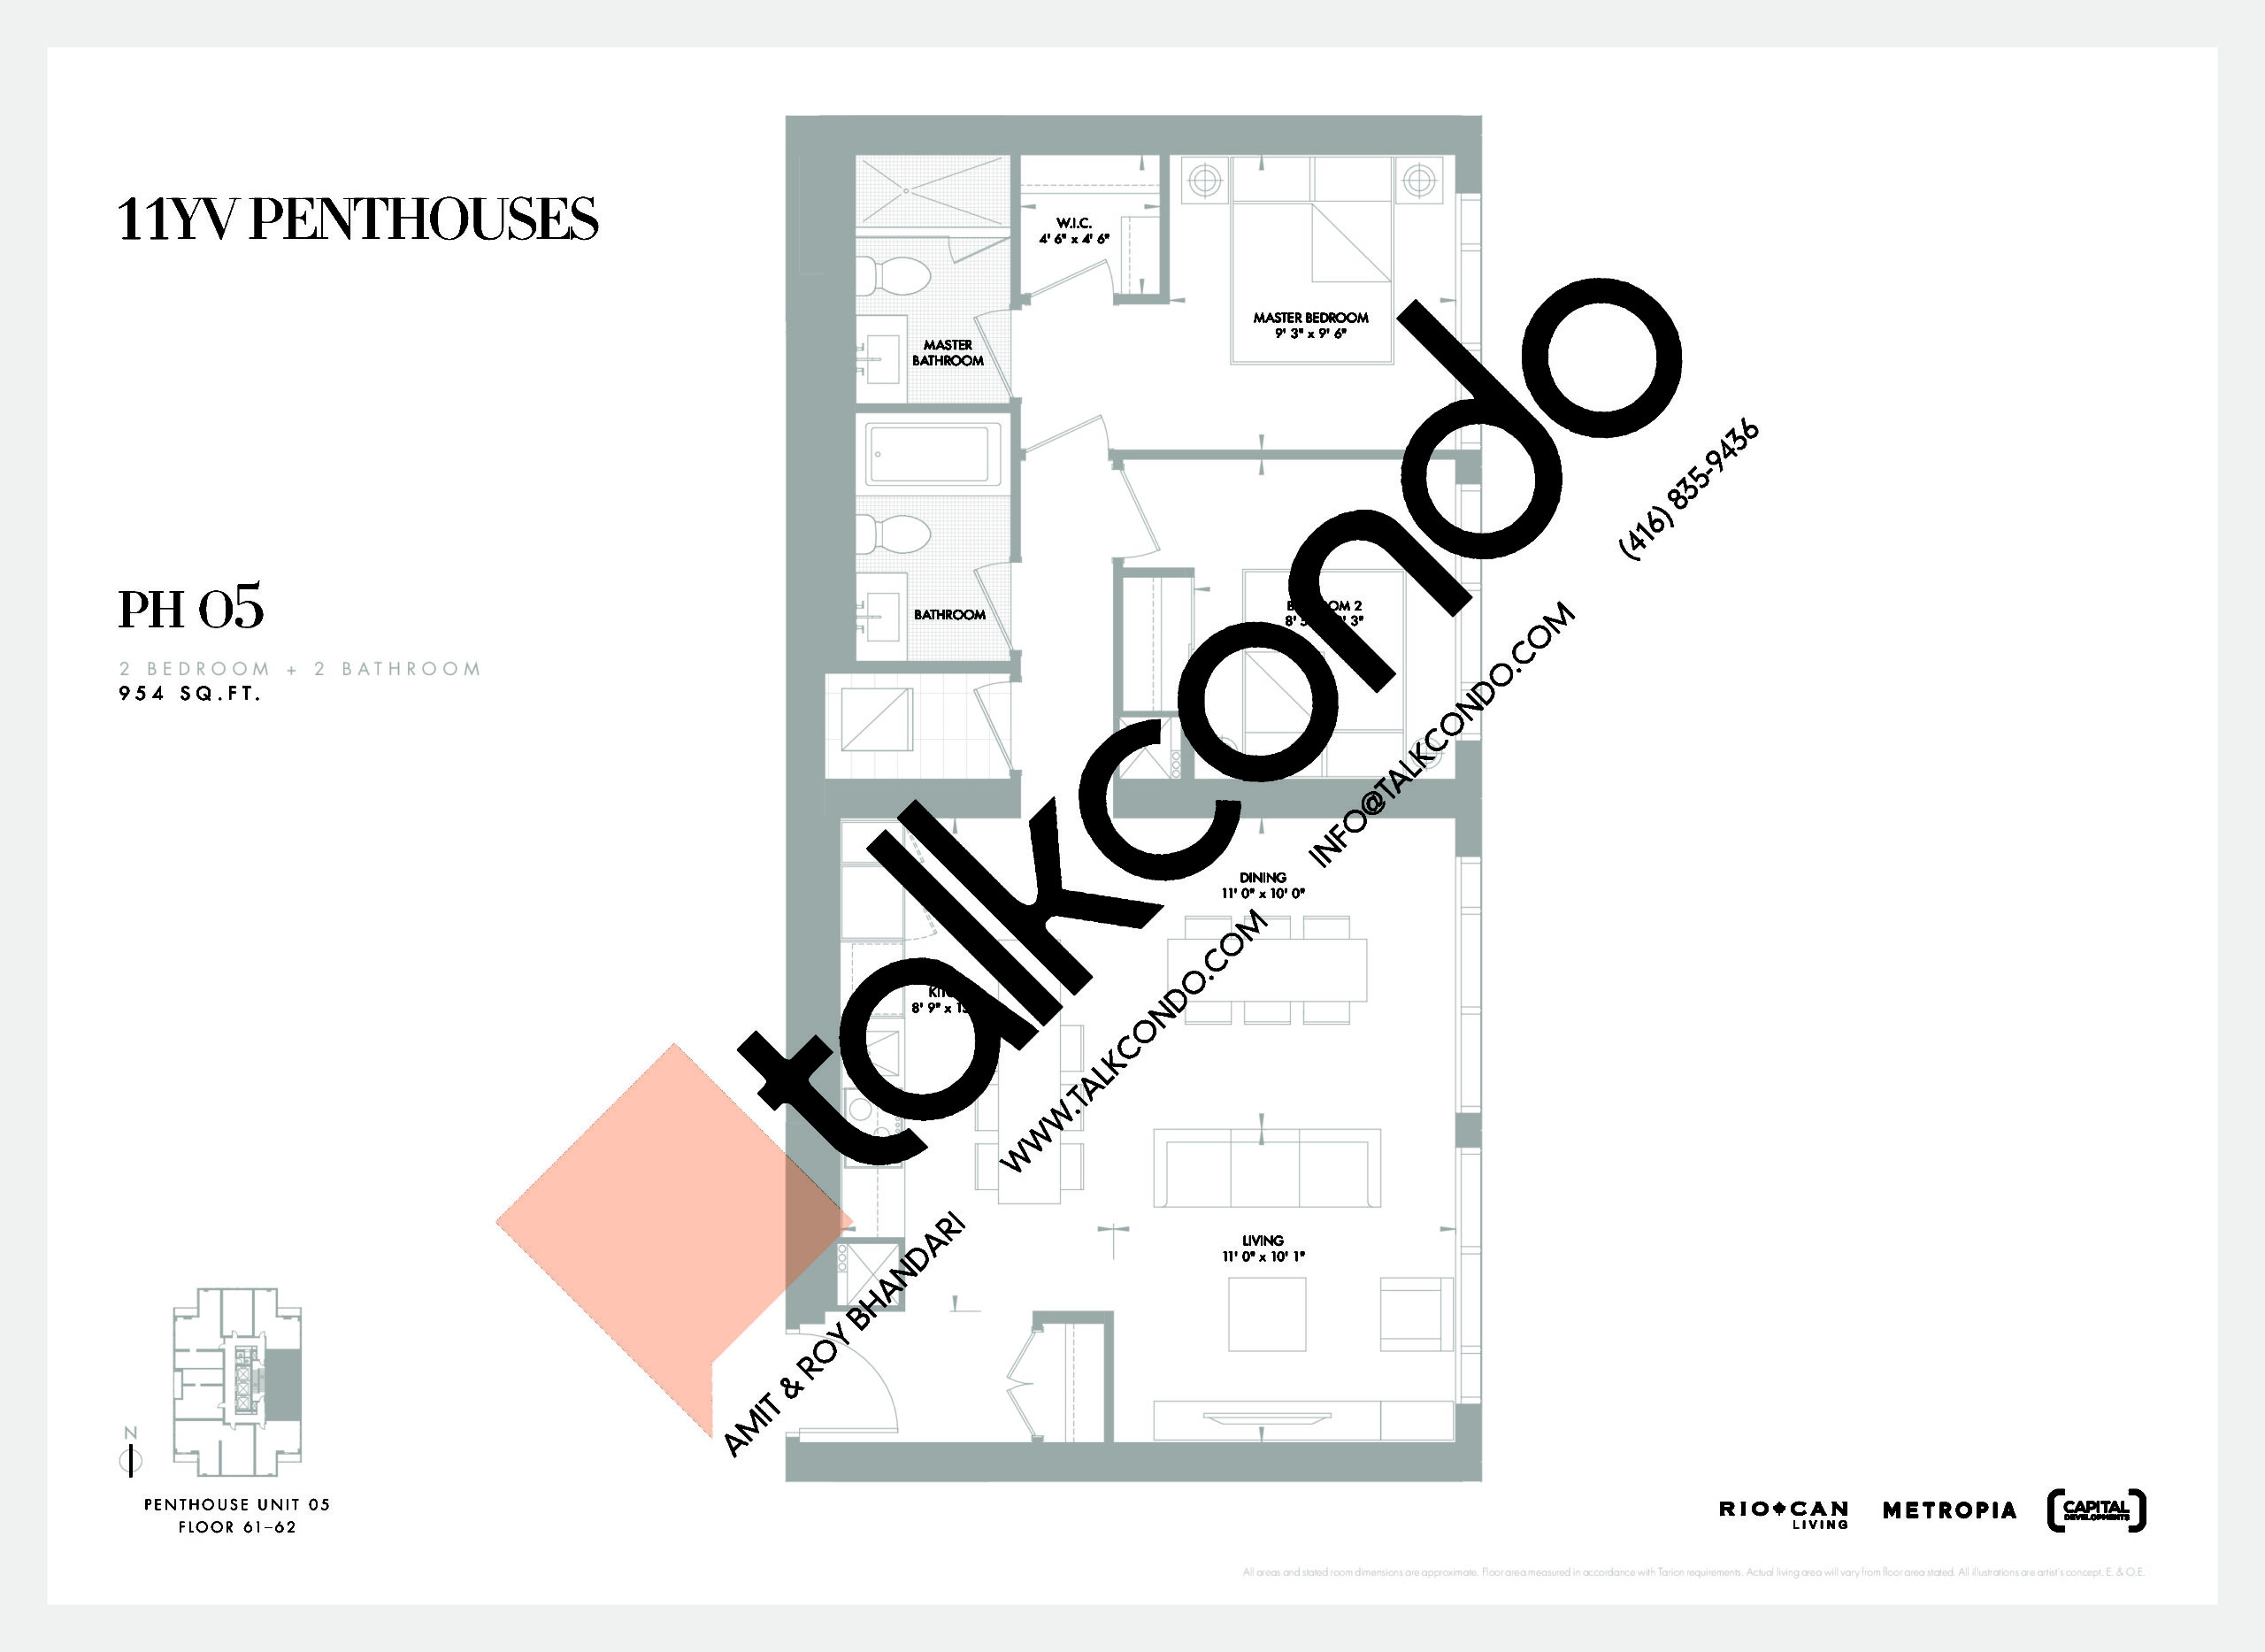 PH 05 Floor Plan at 11YV Condos - 954 sq.ft